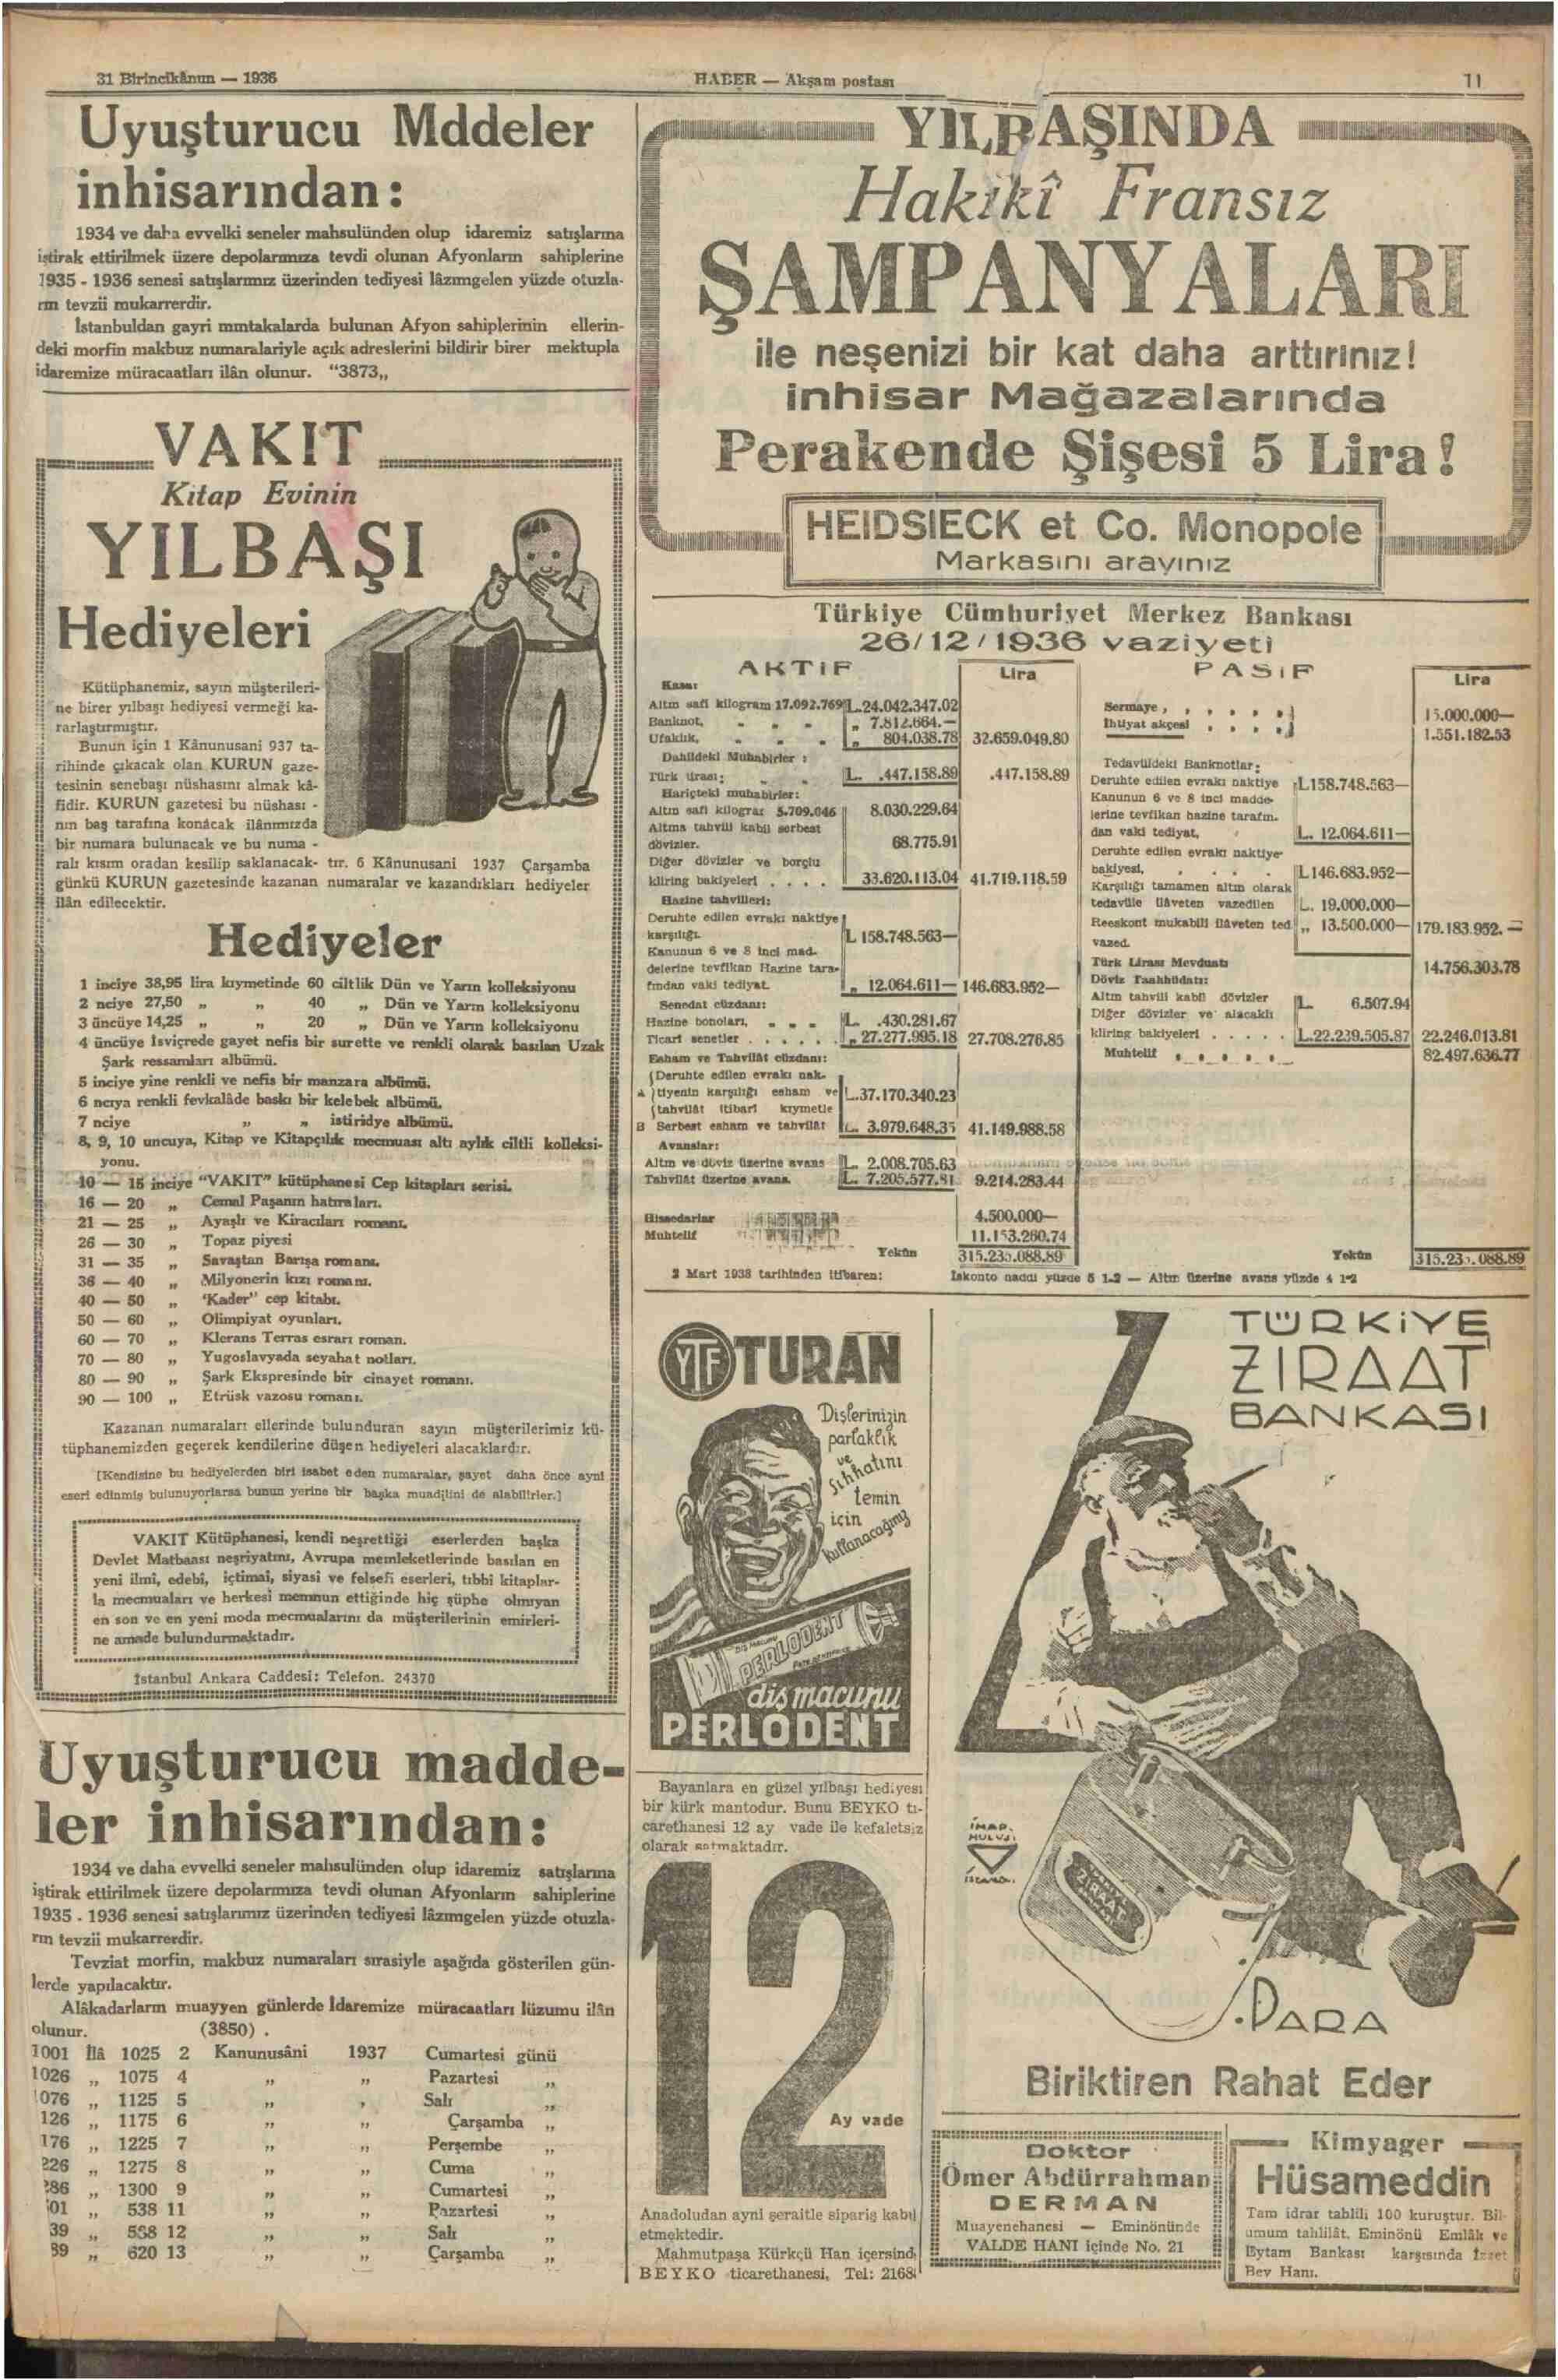 31 Aralık 1936 Tarihli Haber Gazetesi Sayfa 11